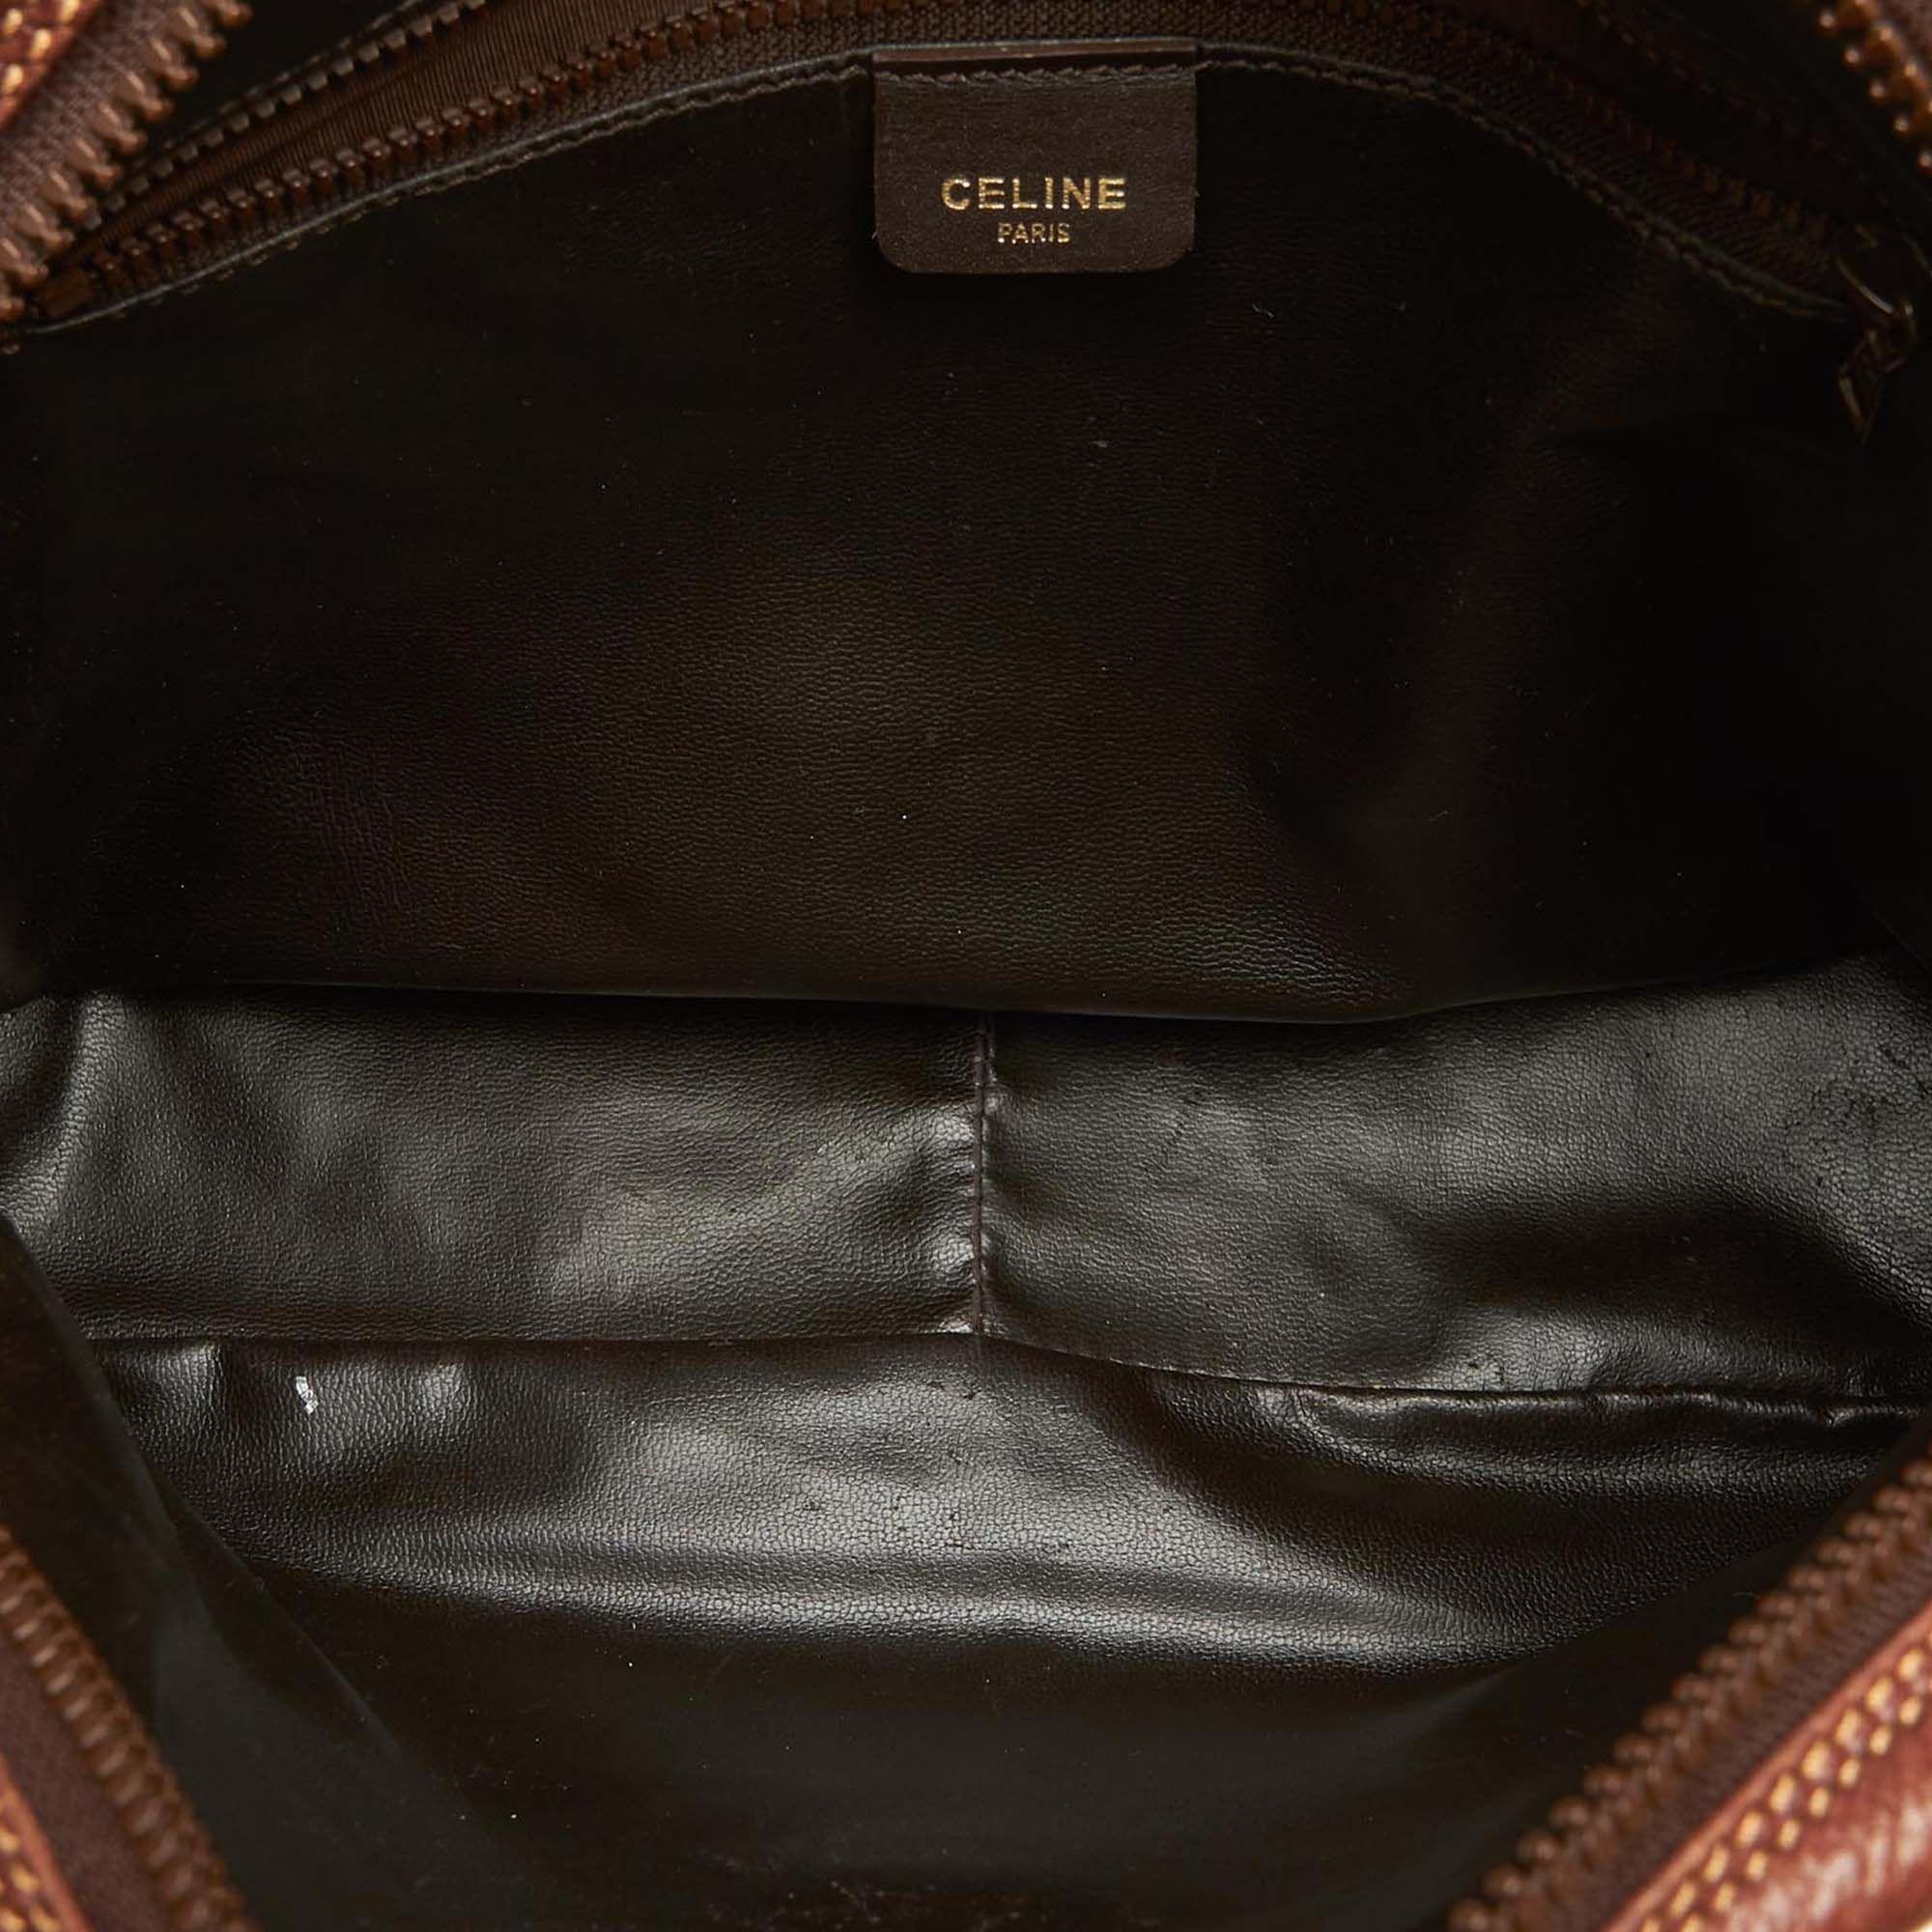 Vintage Celine Leather Crossbody Bag Brown